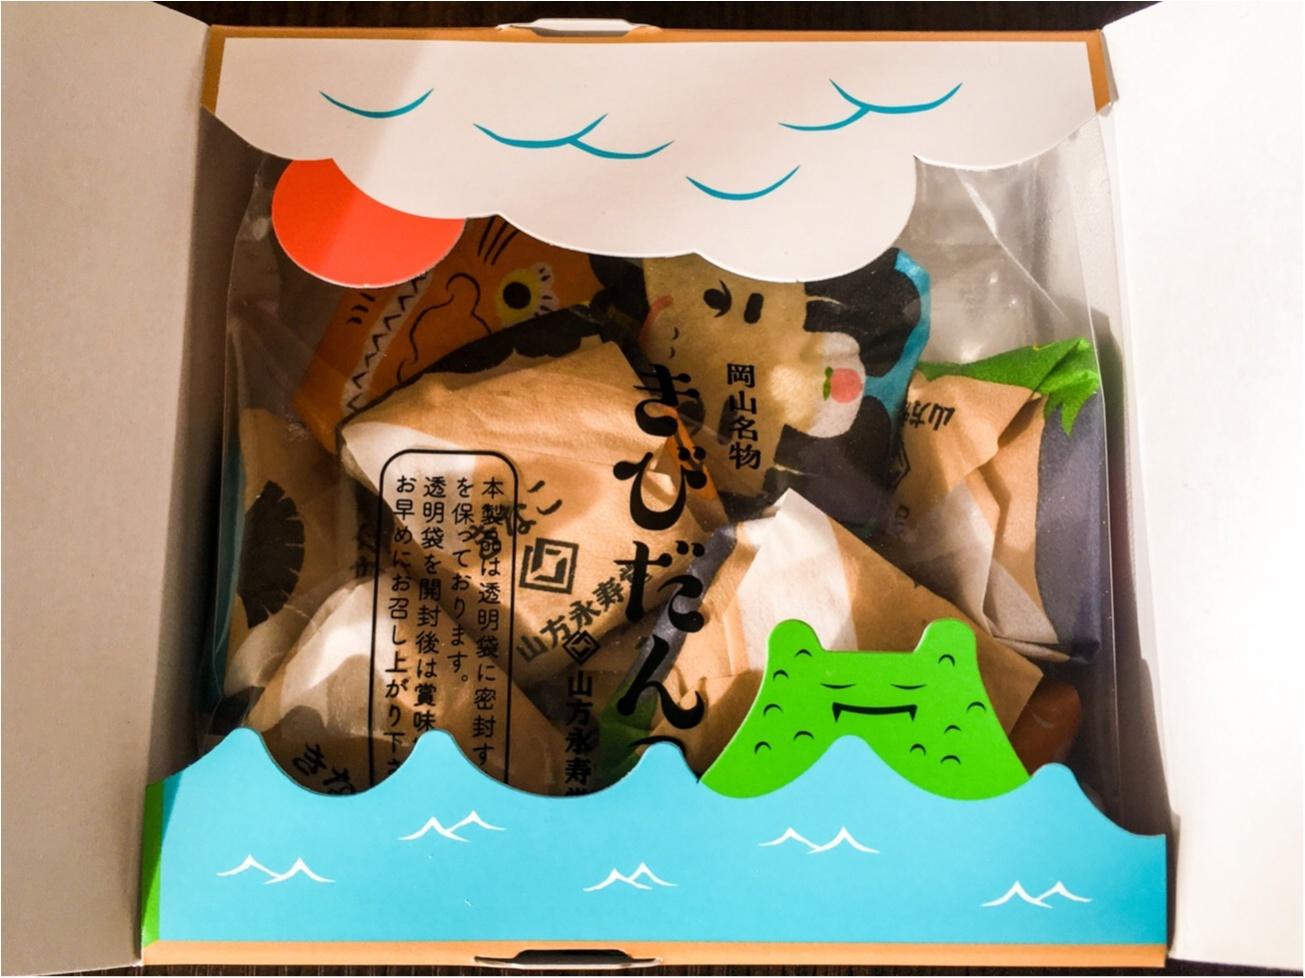 【マストBUY★岡山土産ならコレ!】まるで絵本?!あの桃太郎モチーフのお菓子にカワイイが止まらない❁_3